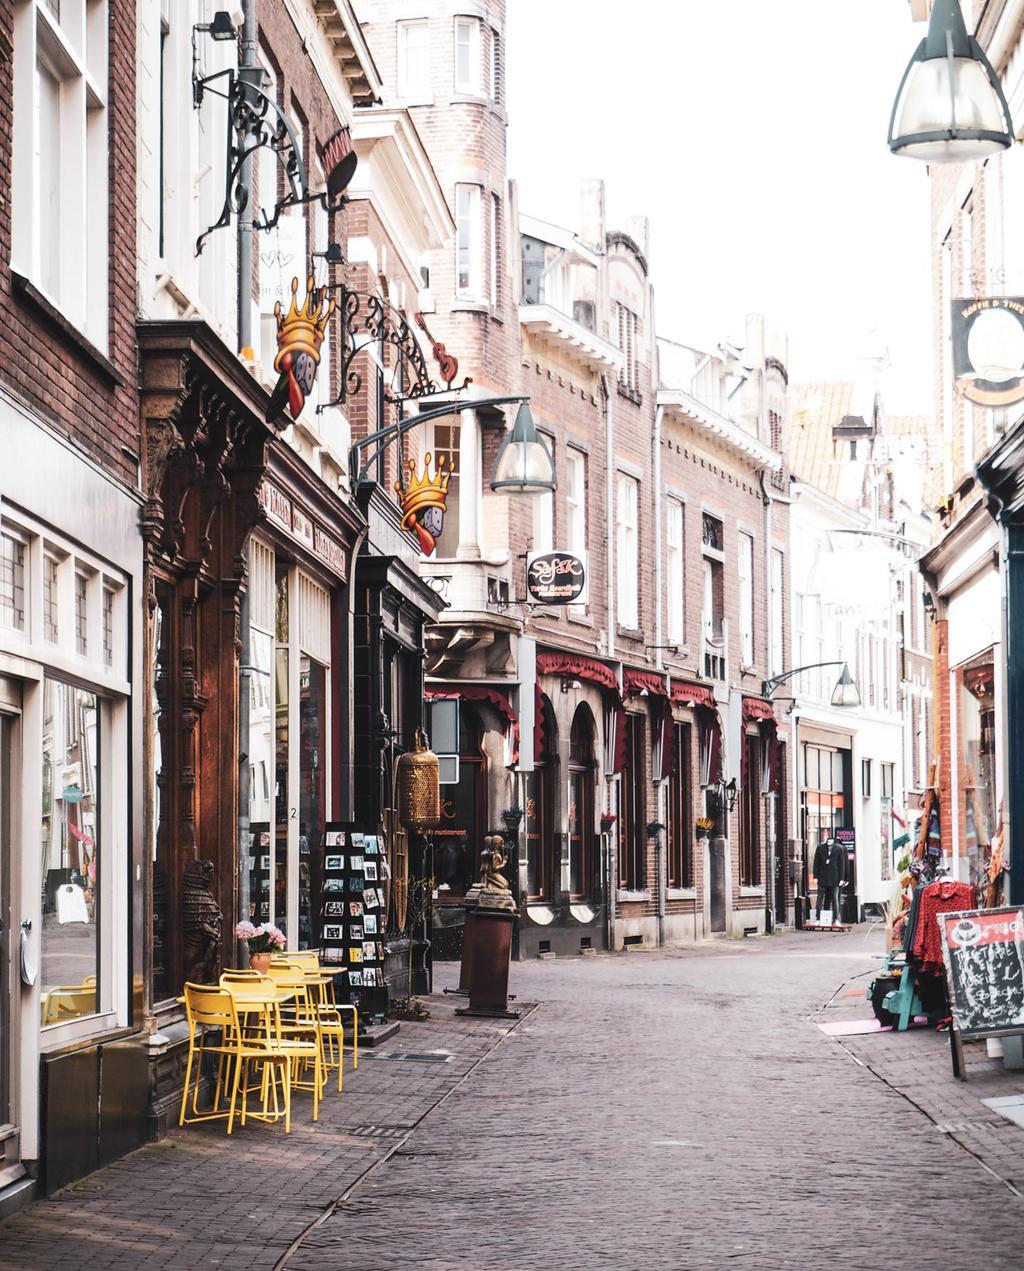 vtwonen citytrip Deventer - hotspots